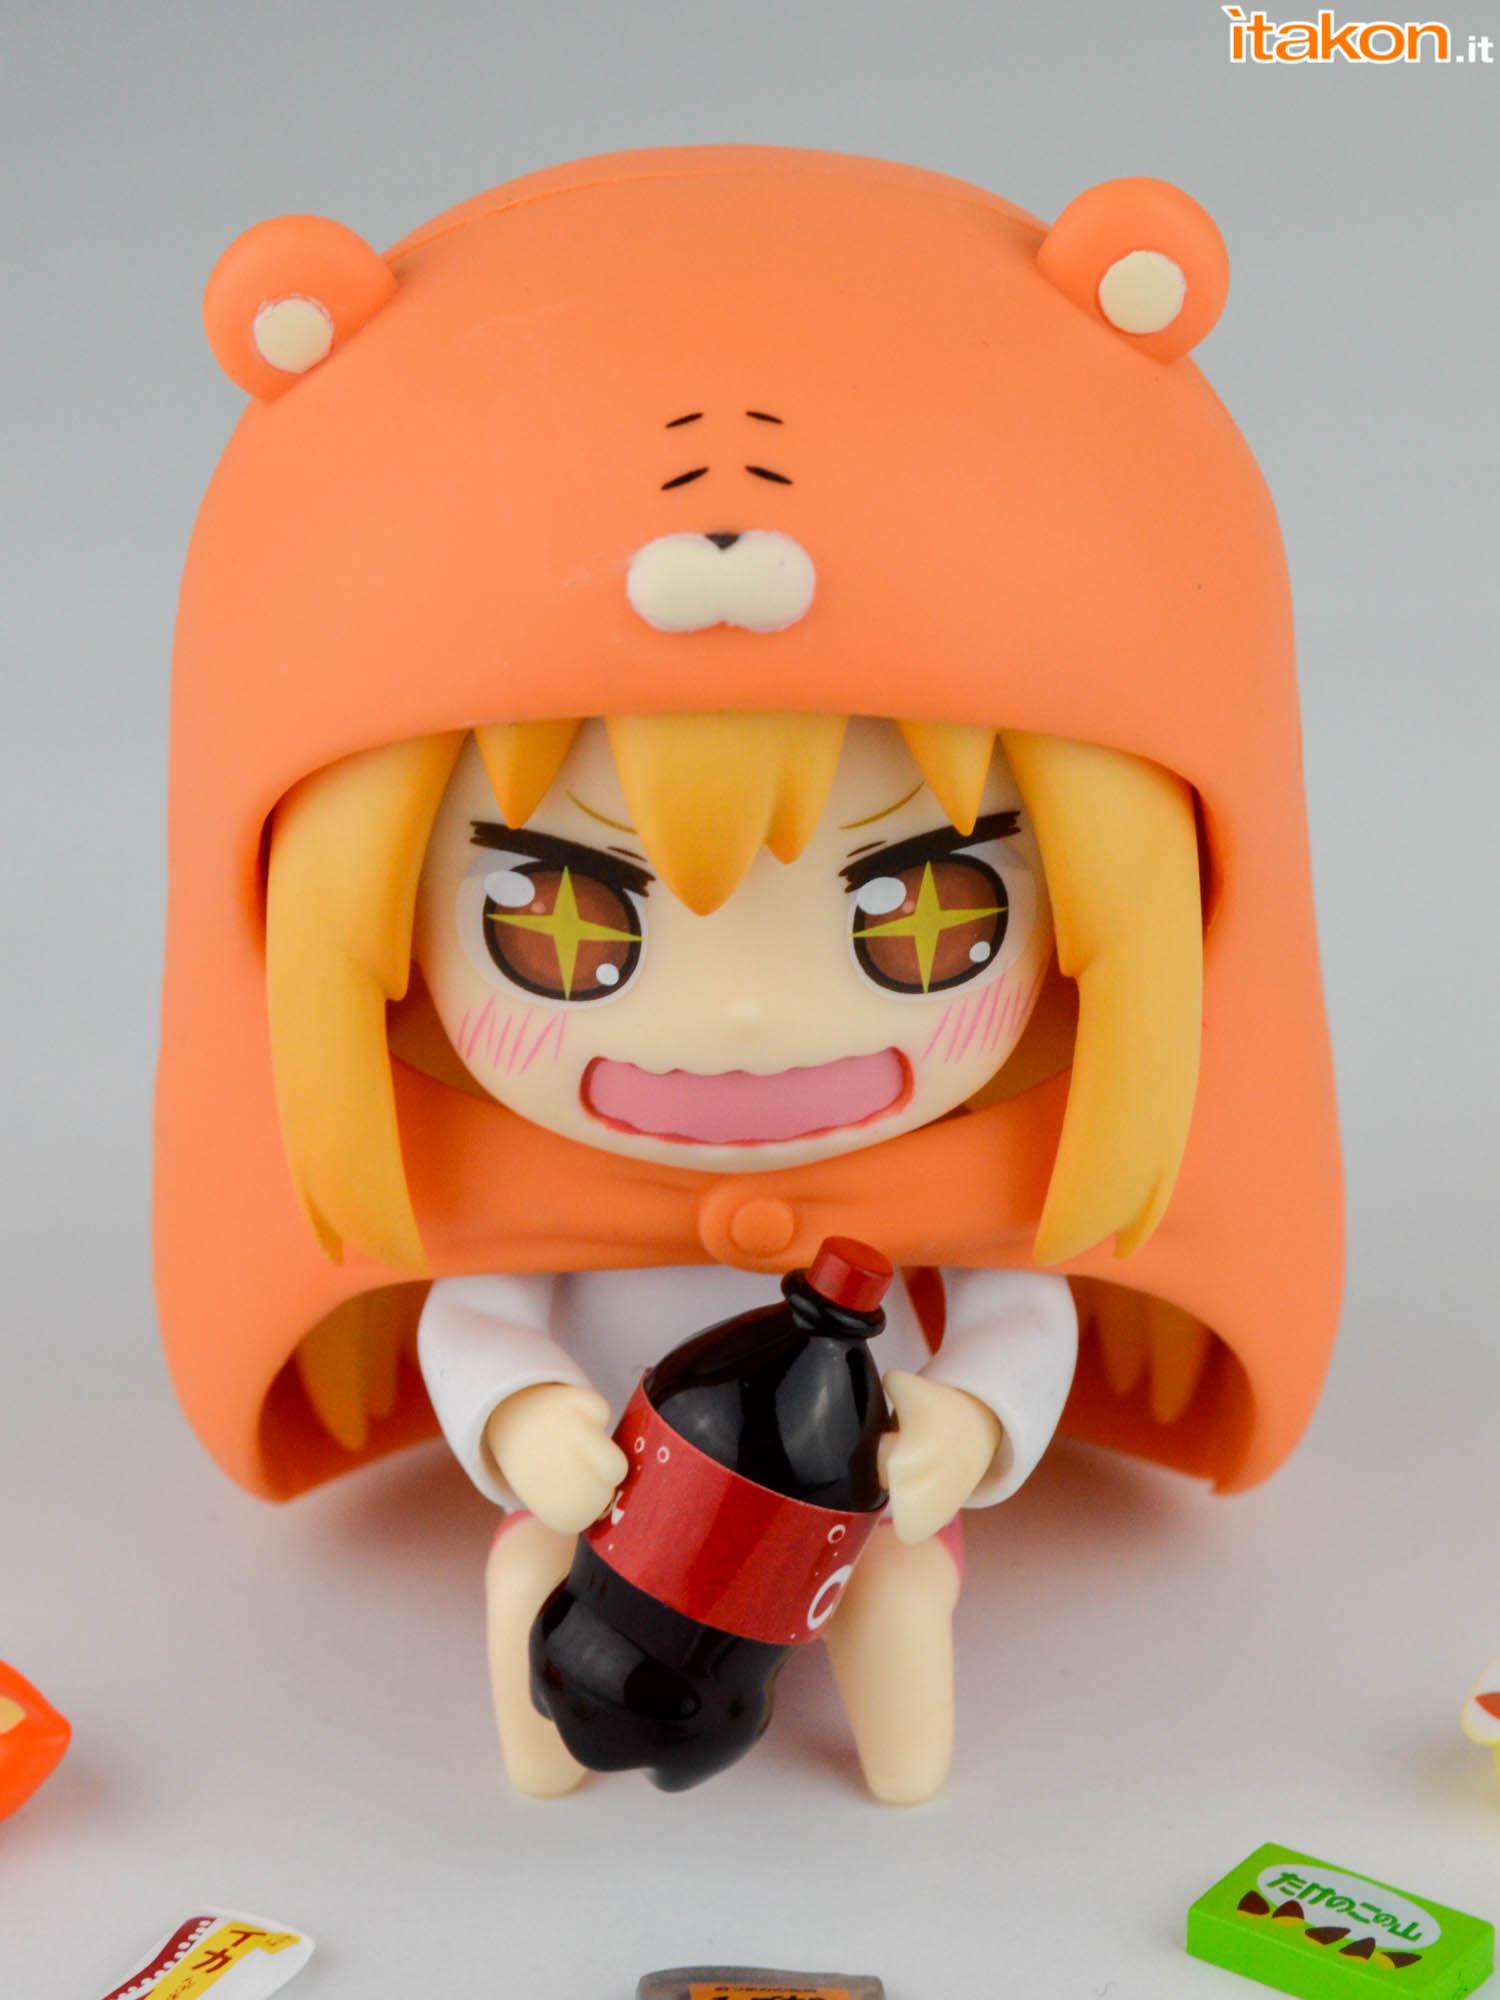 Umaru_Nendoroid_GSC_524_review-54